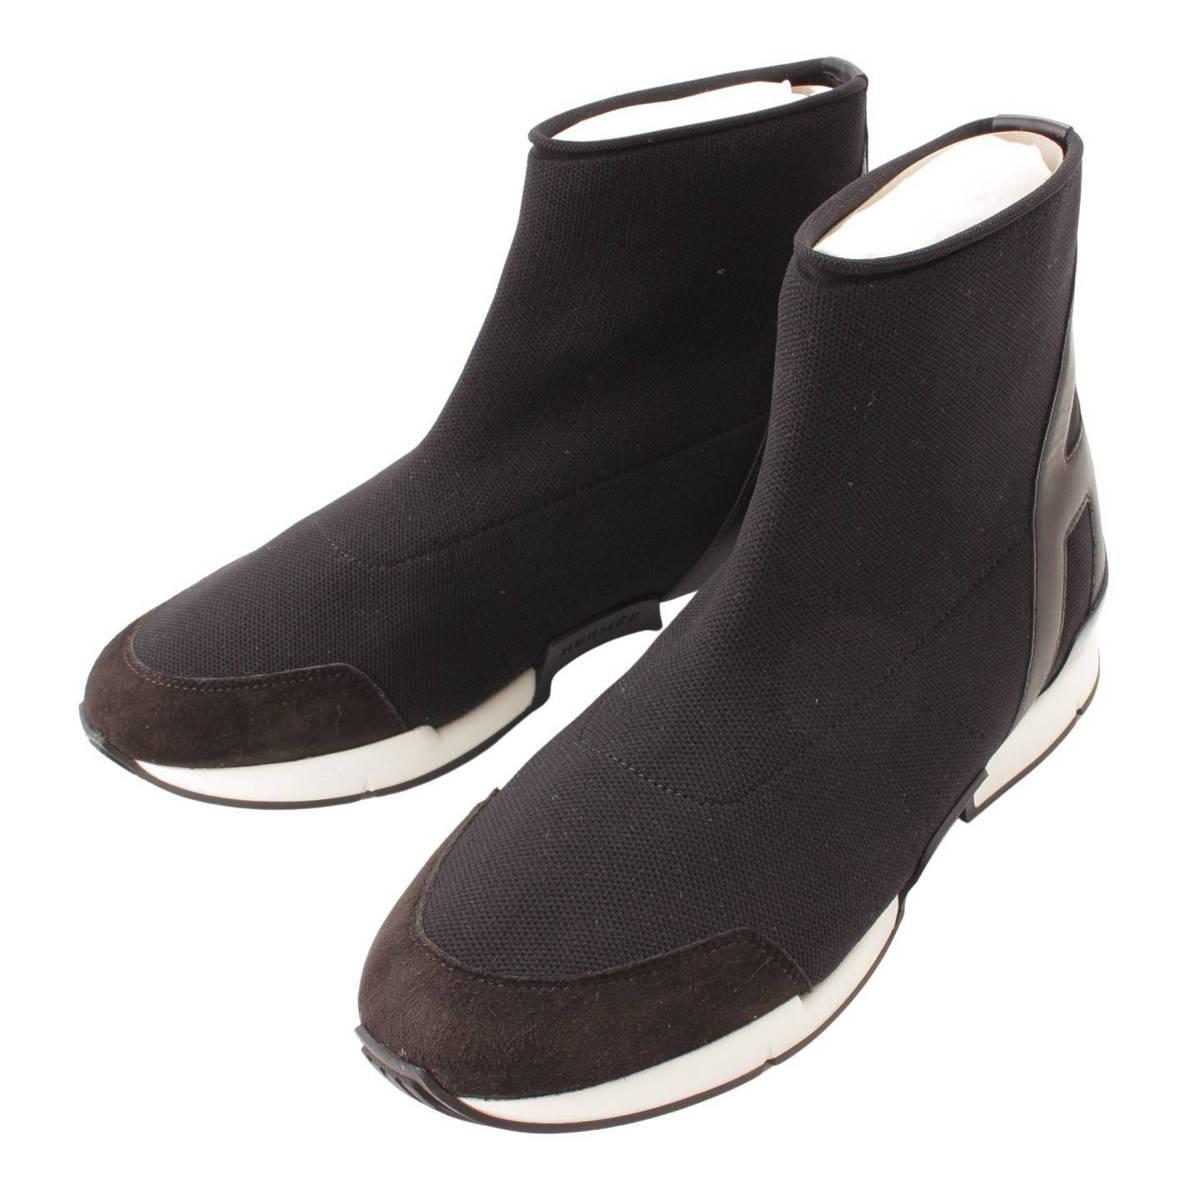 HERMES Socks Hermes 1821347 37 12 112325